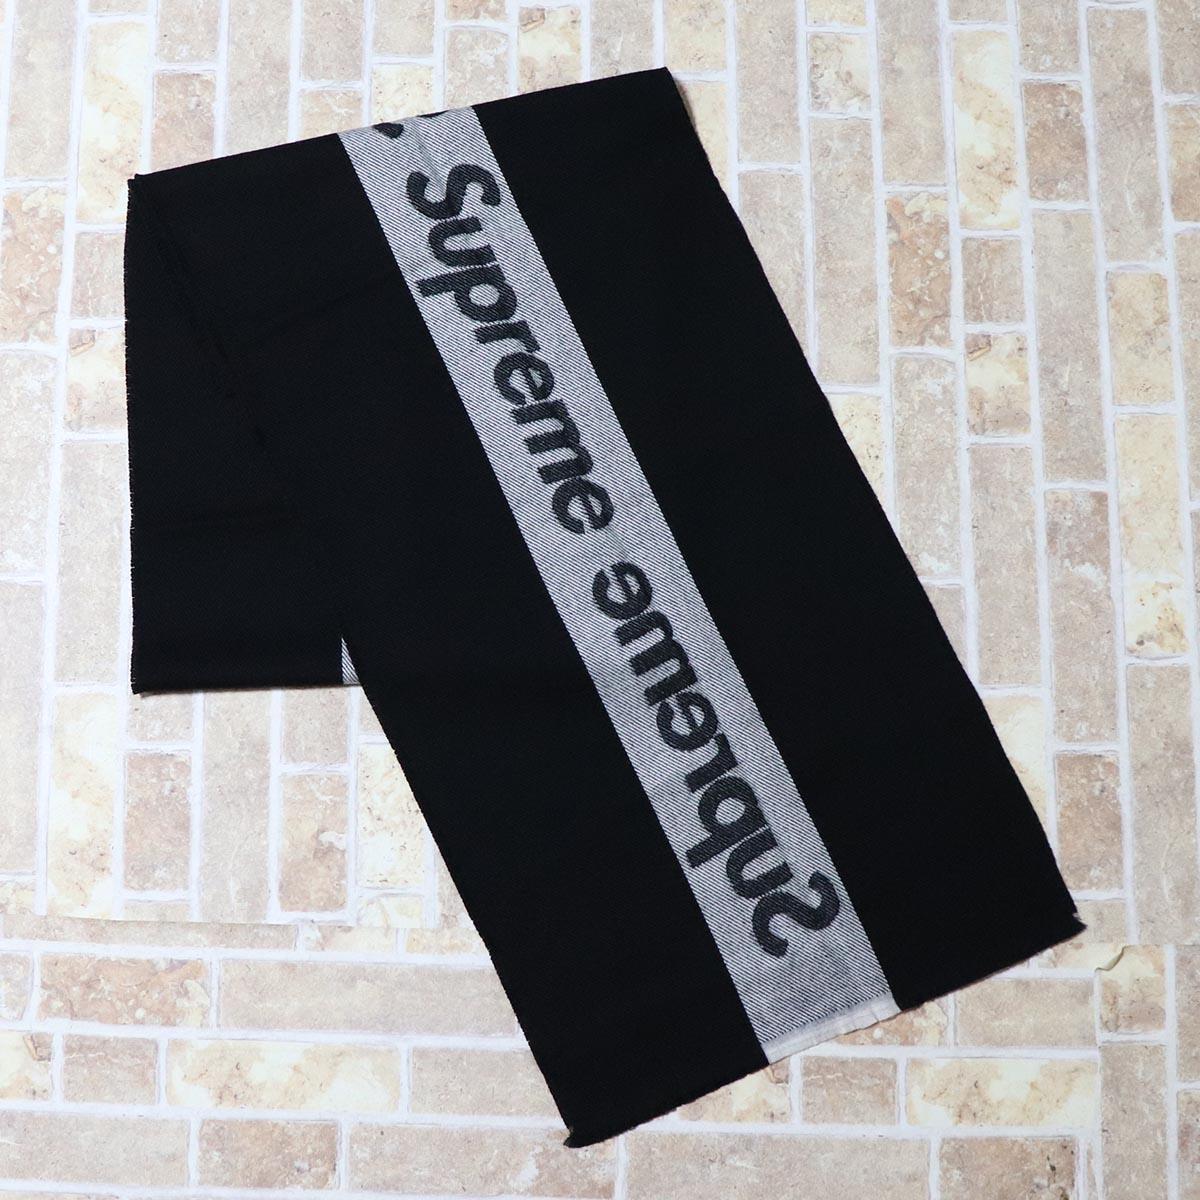 国内正規品 2013AW Supreme Woven Scarf Black 新品未使用品 [ シュプリーム ウーヴン スカーフ マフラー ブラック 黒 ]